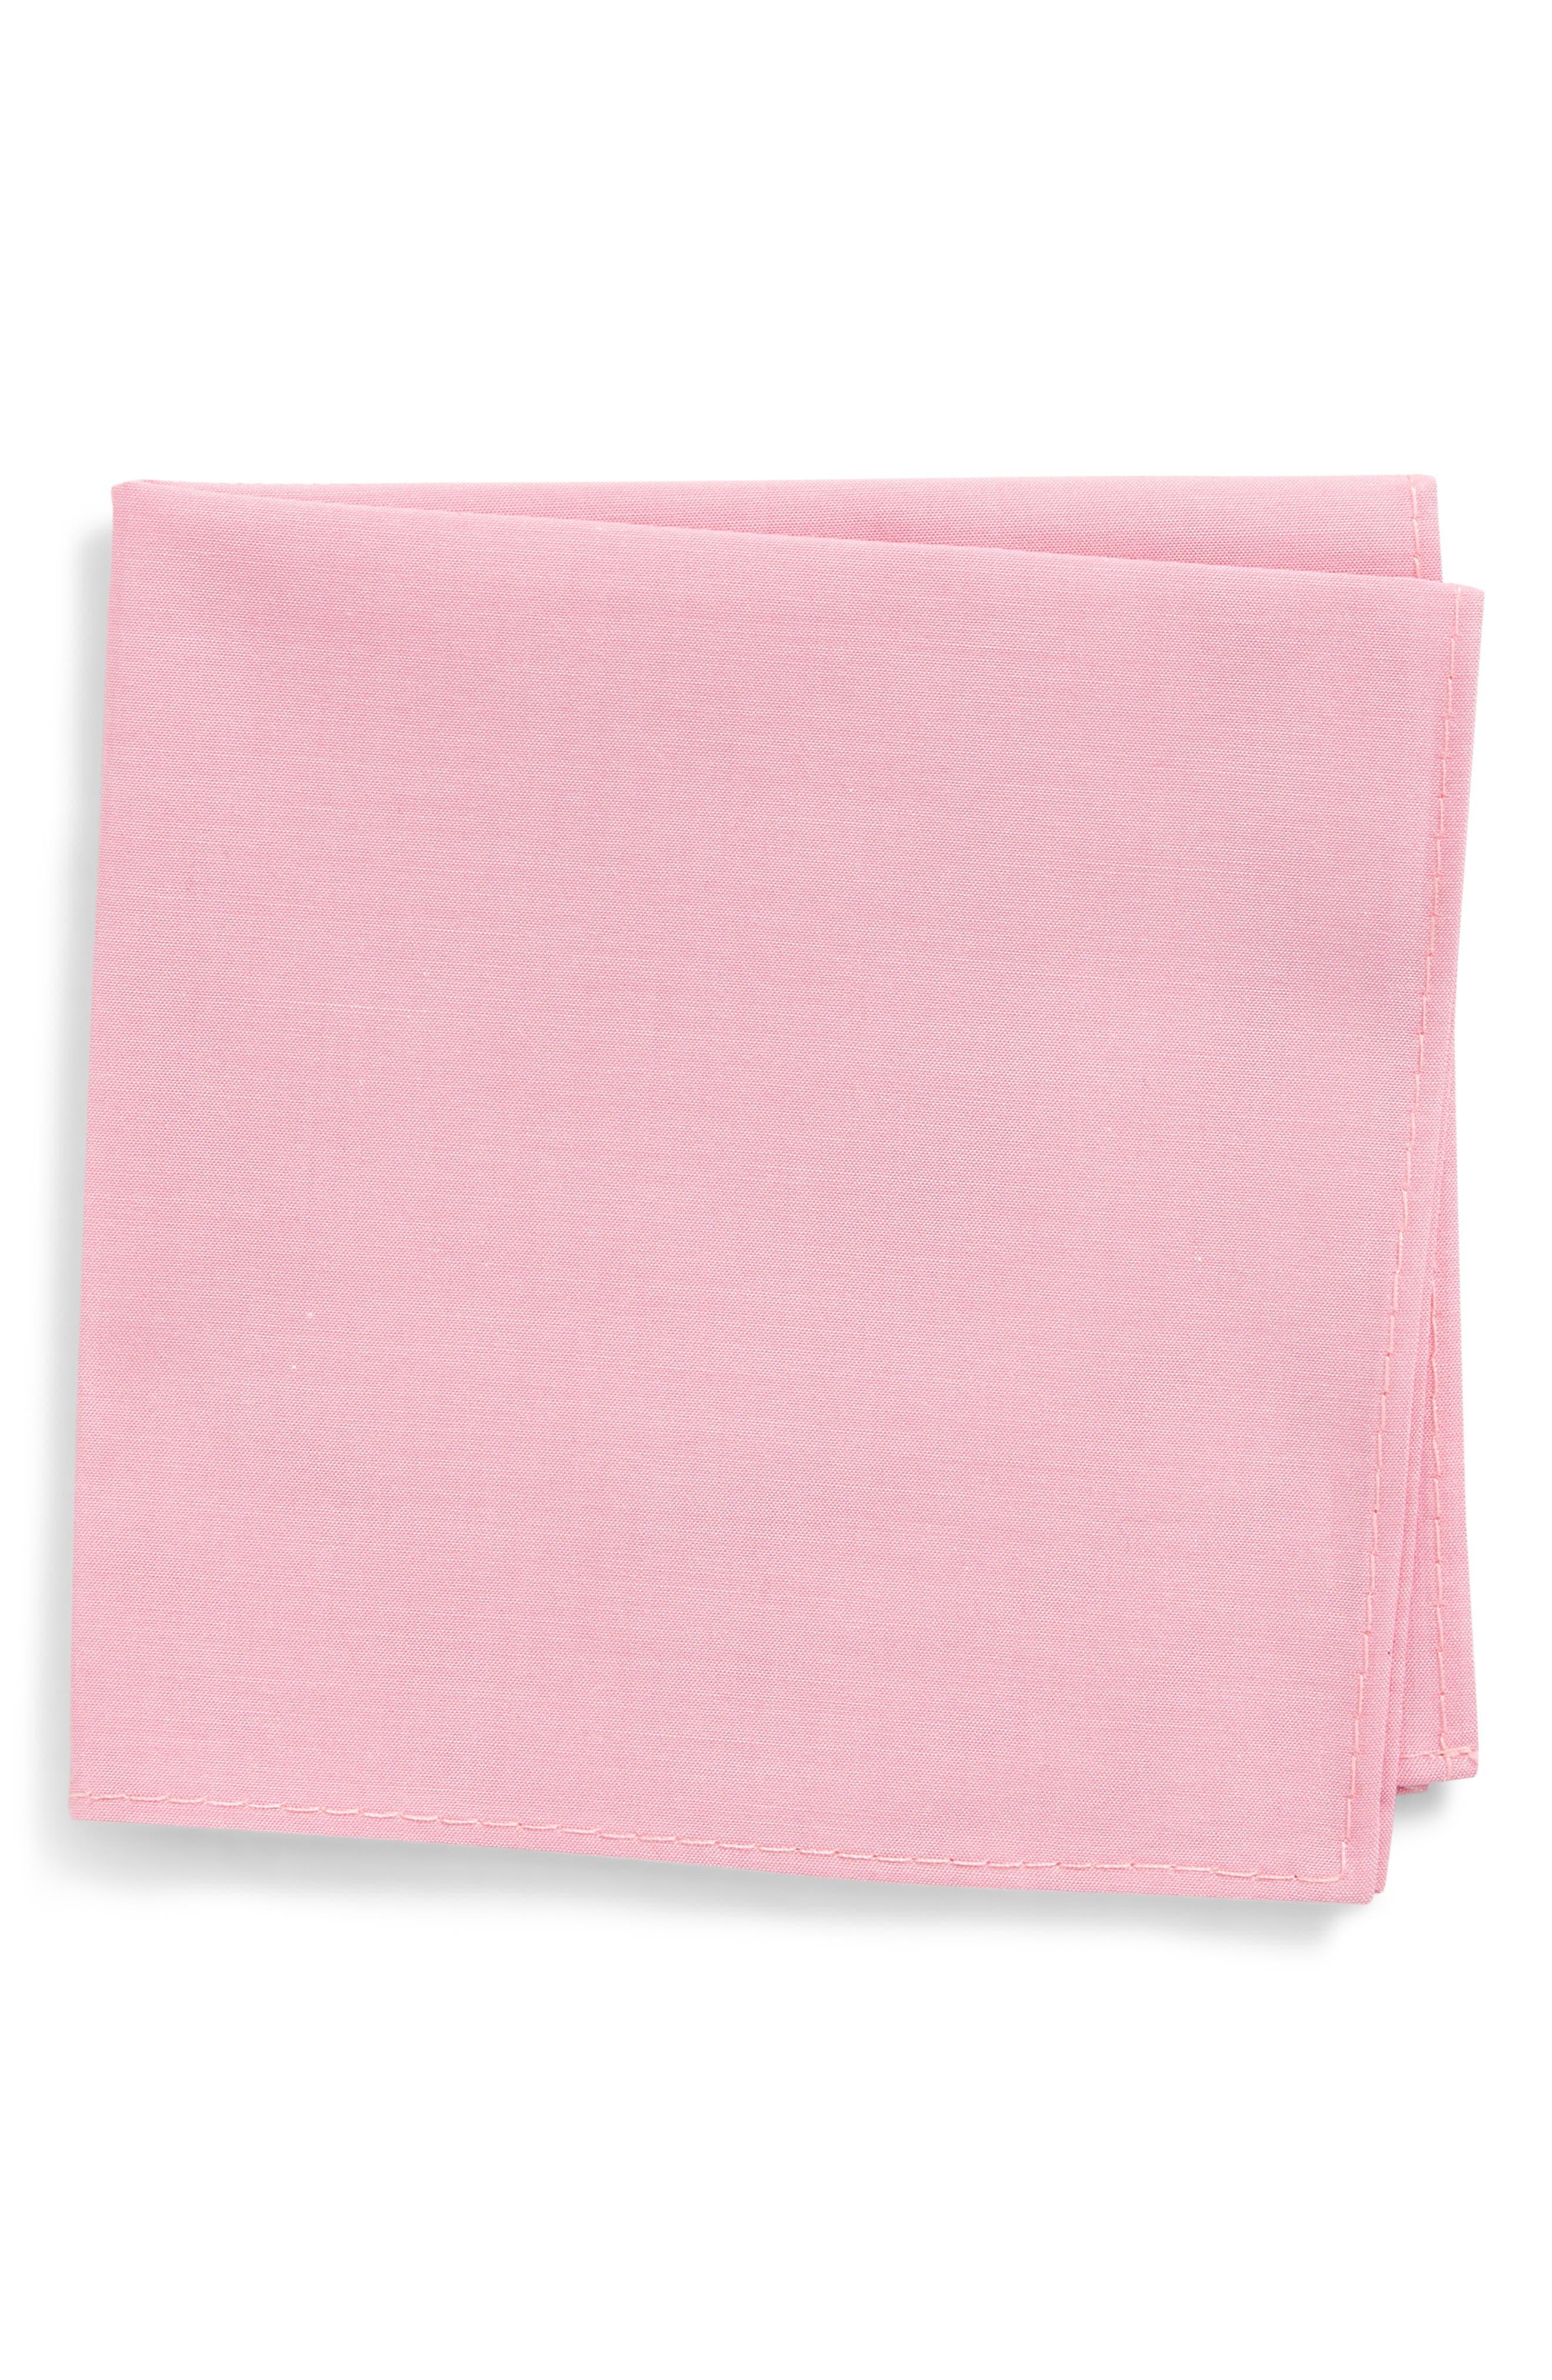 Silk Pocket Square,                             Main thumbnail 1, color,                             Pink